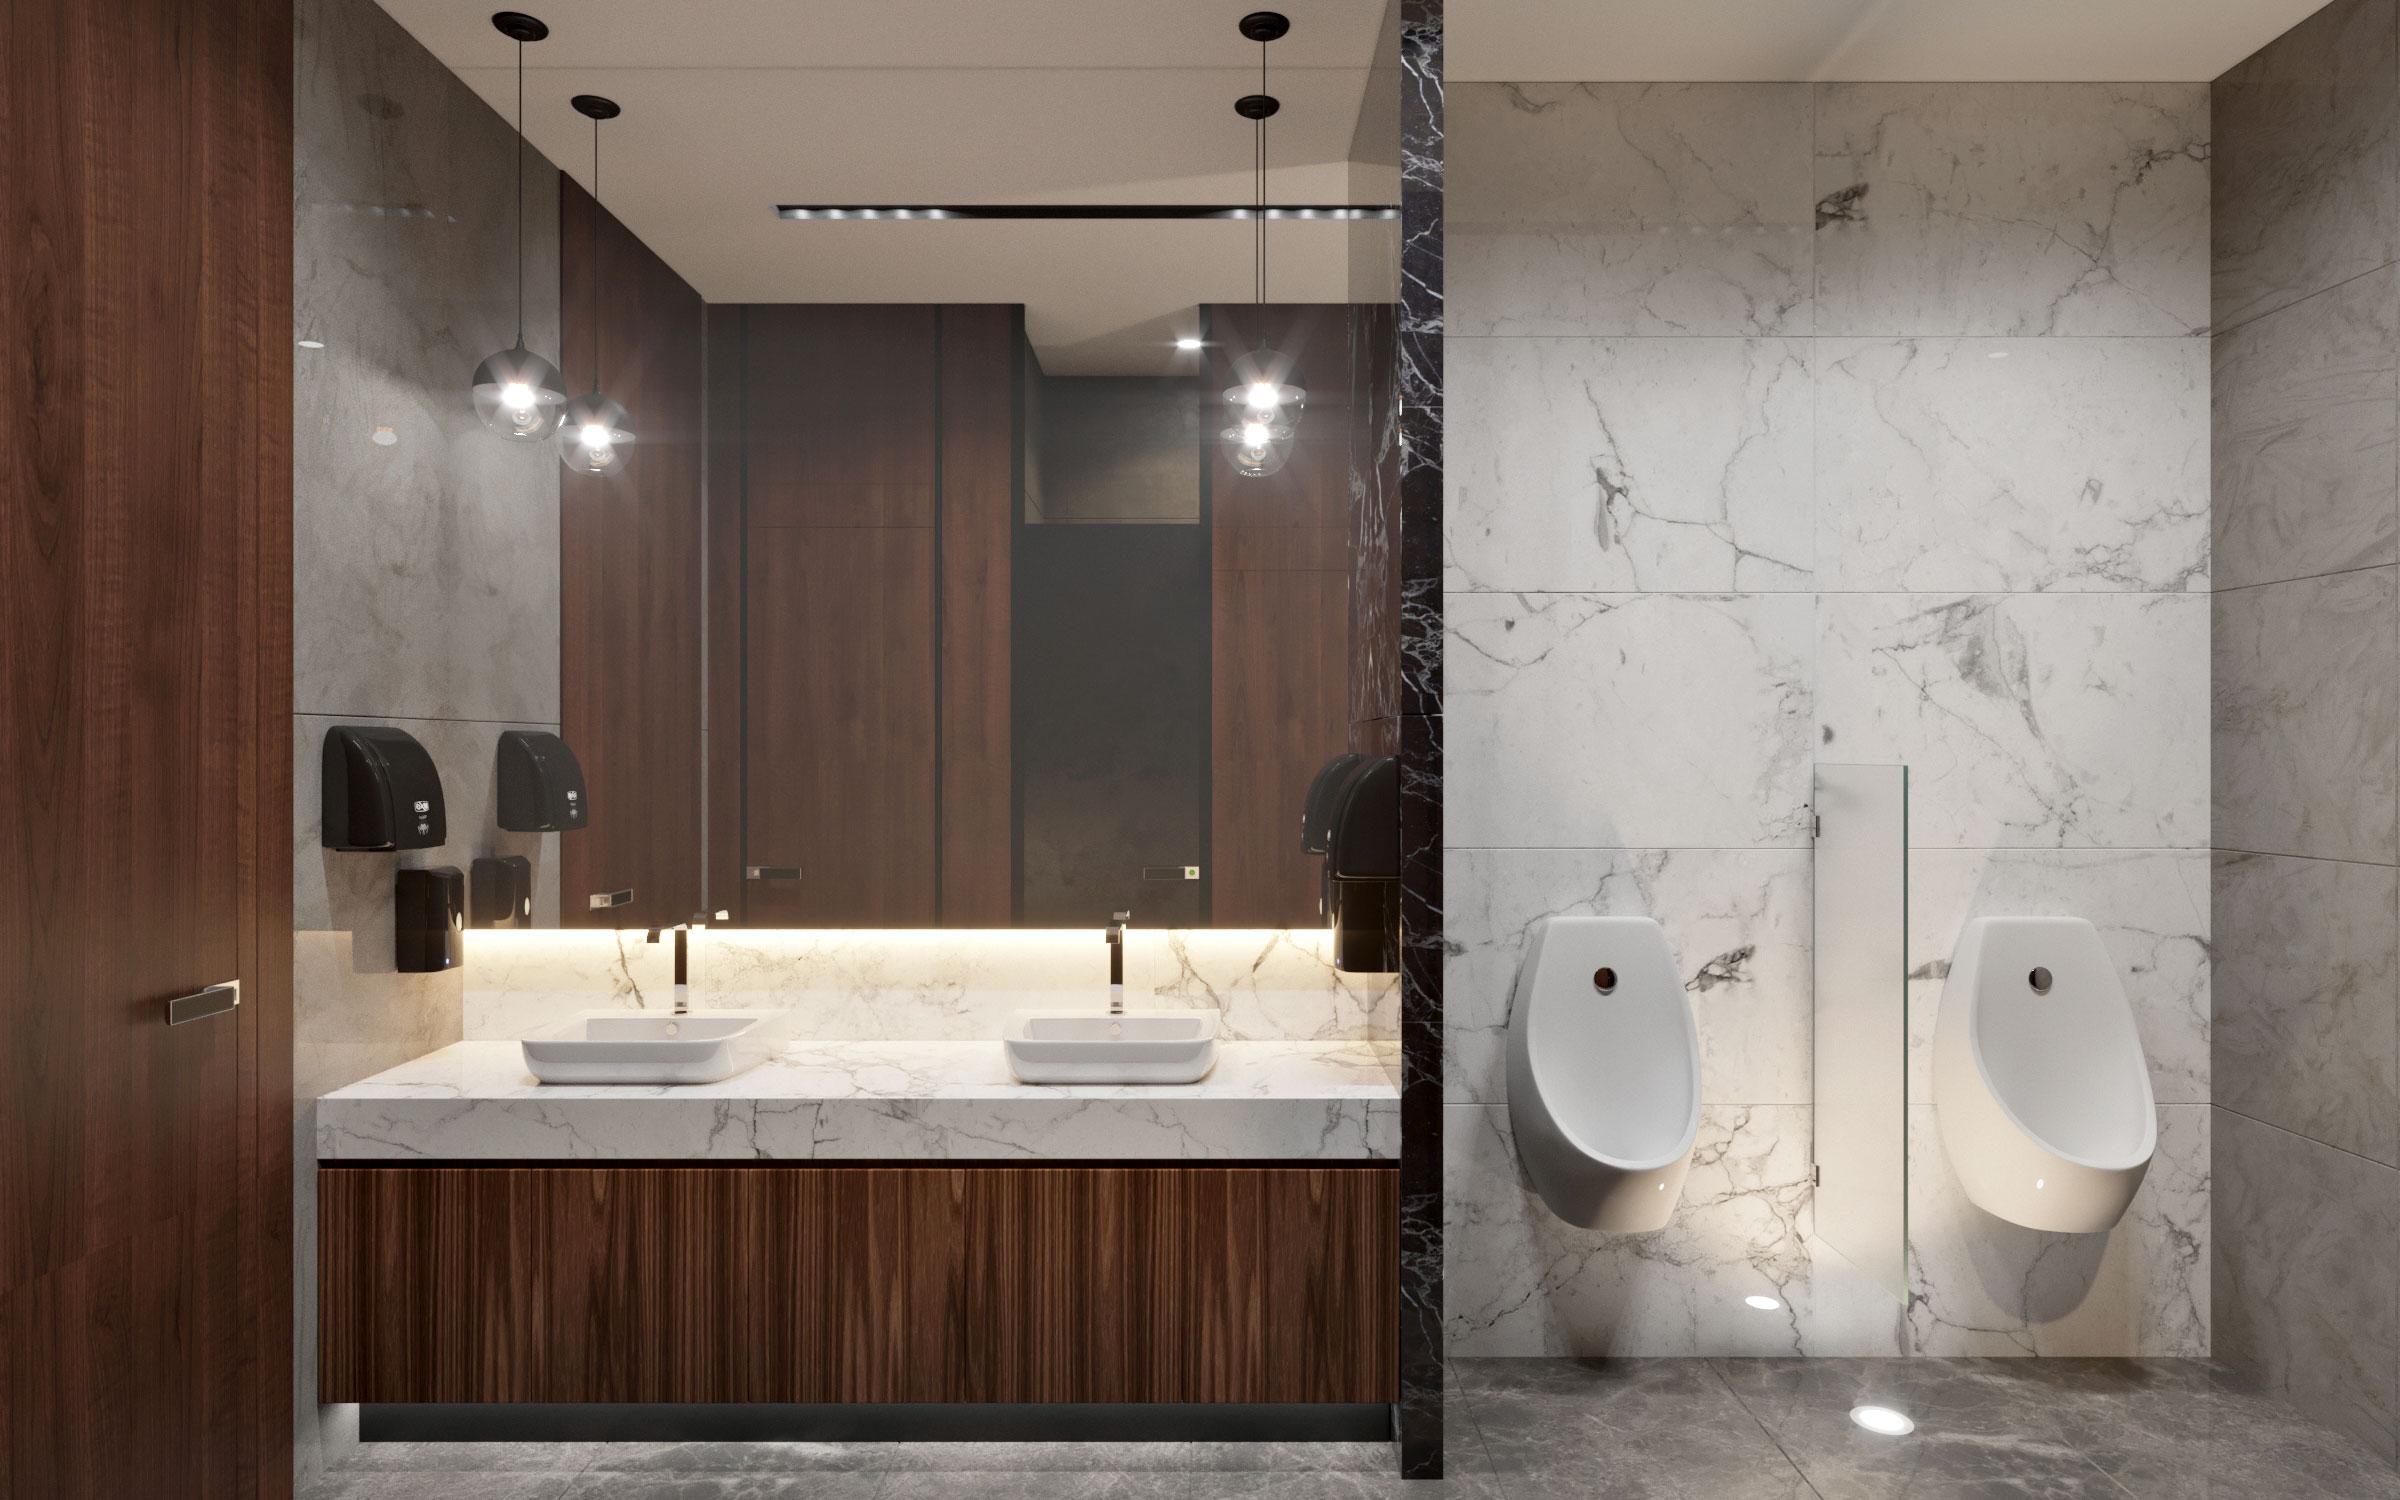 Бизнес центр Downtown Астана - Туалетная комната Мужская